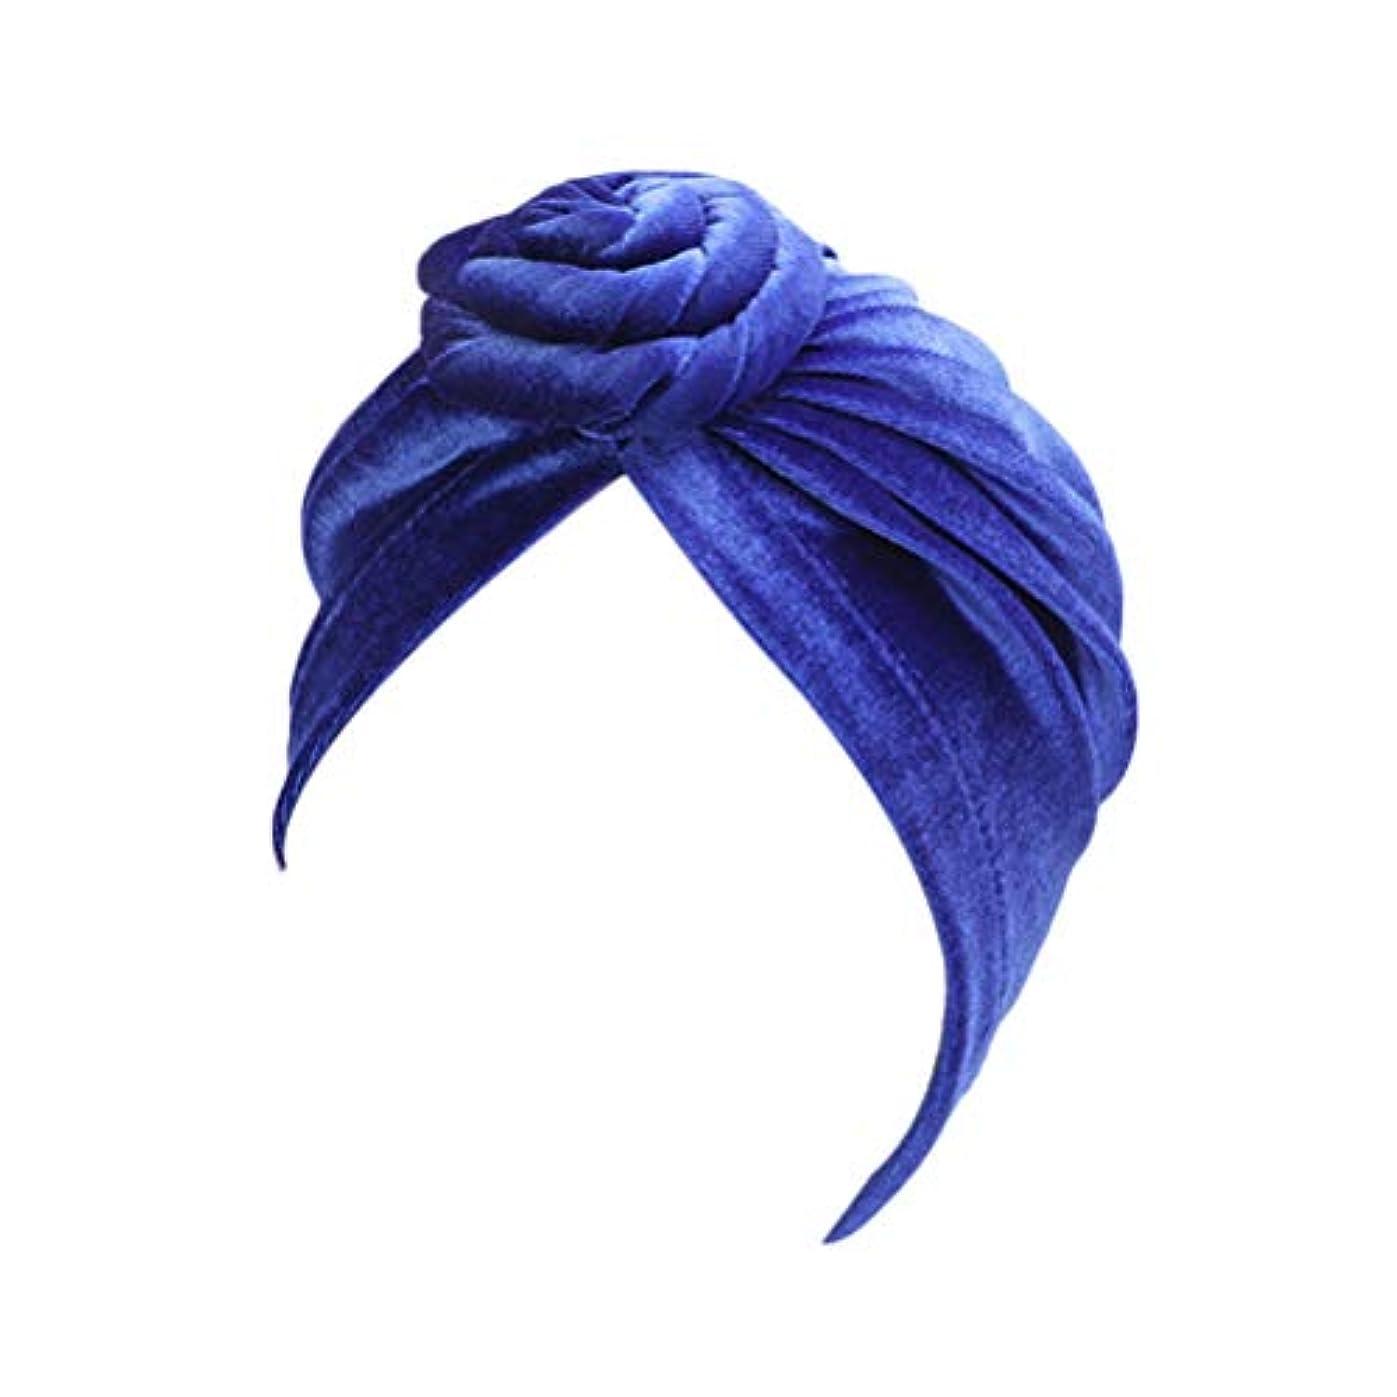 注釈プロテスタント横たわるHealifty 睡眠ナイトキャップ花装飾ワイドバンドボンネットナイトヘッドカバーソフトヘアターバン女性用ヘアビューティーケアキャップ(ブルー)